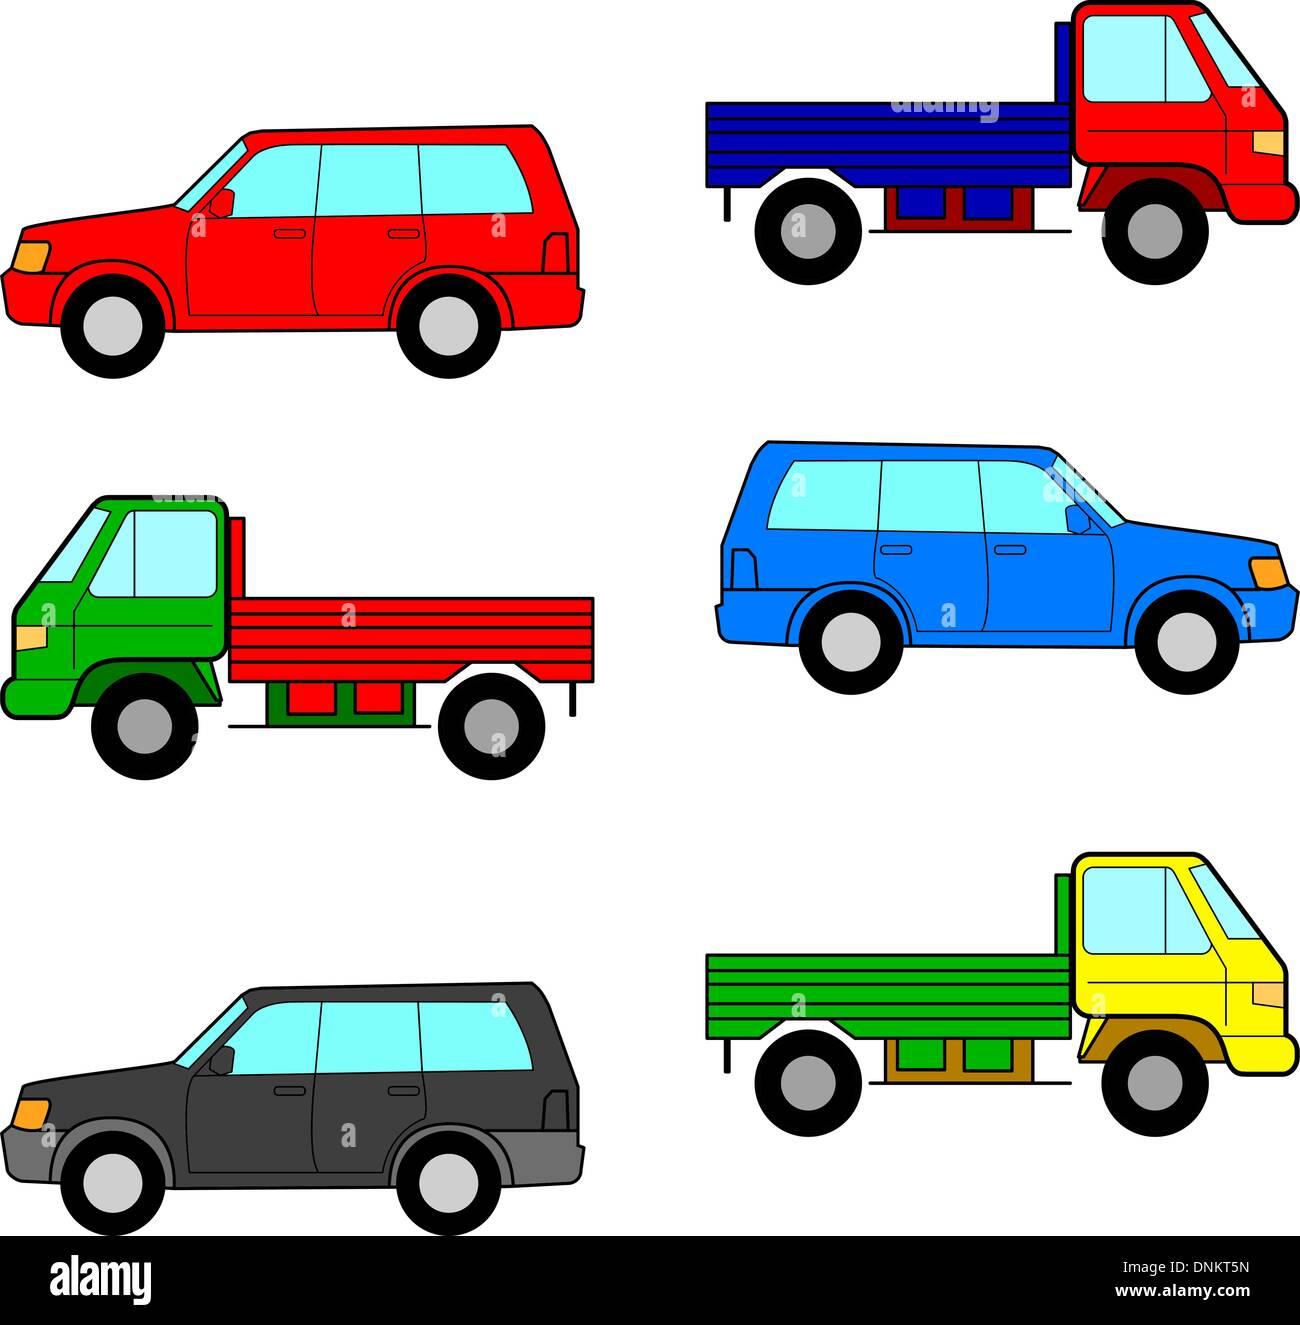 Impostare auto, camion e automobili. Illustrazione Vettoriale. Immagini Stock